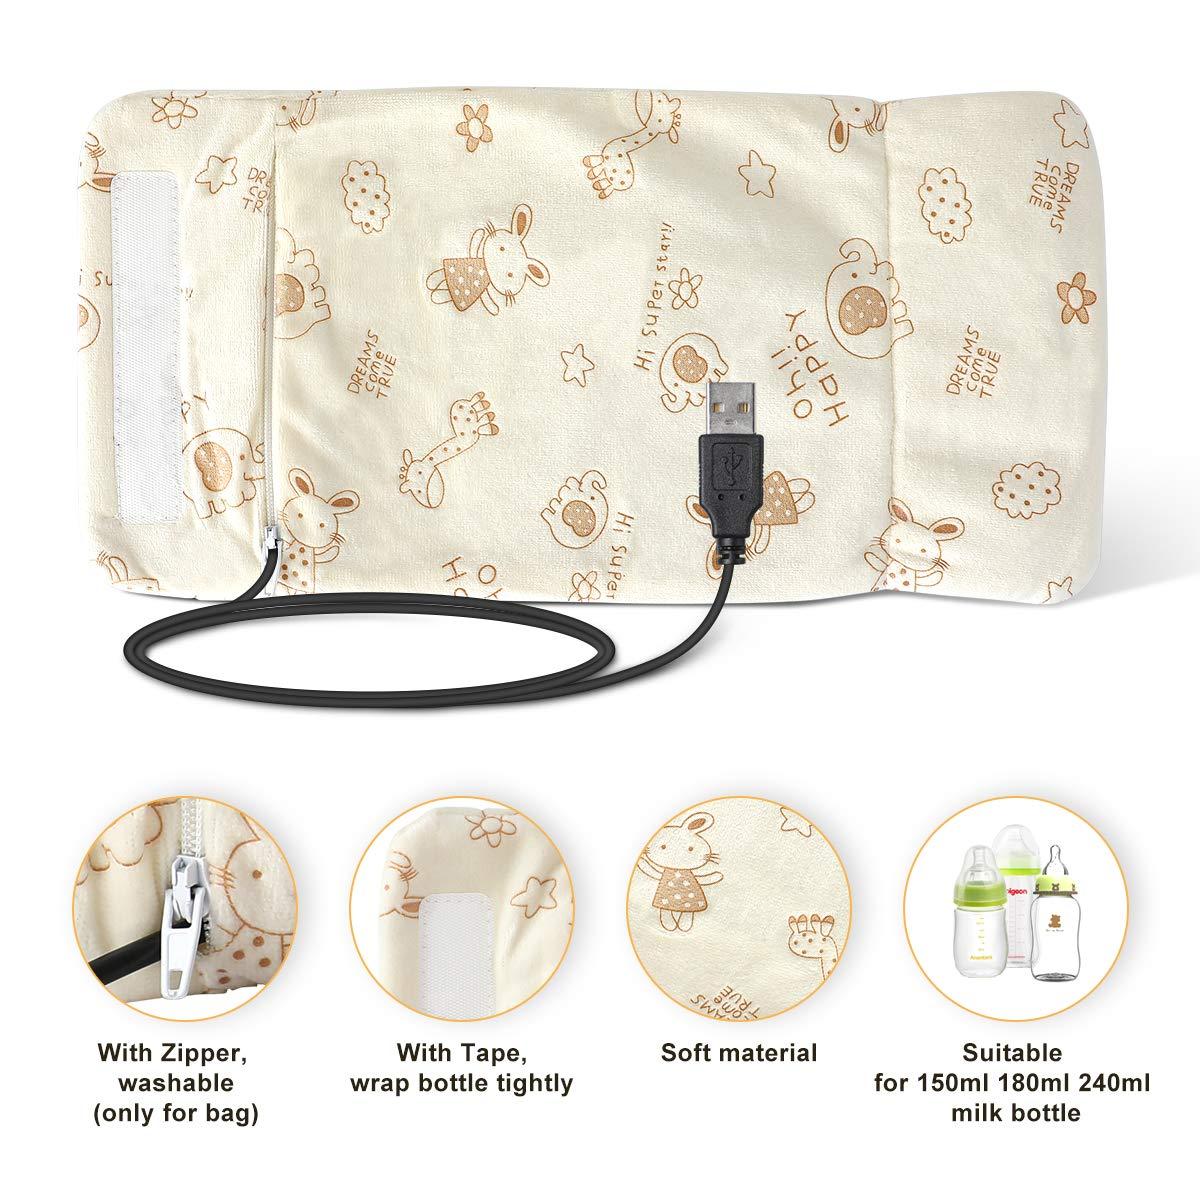 temp/érature constante AIEVE USB Baby Chauffe-biberon Sac de rangement Thermostat de bouteille pour garder au chaud le lait Sac chaud pour auto sur-le-aller